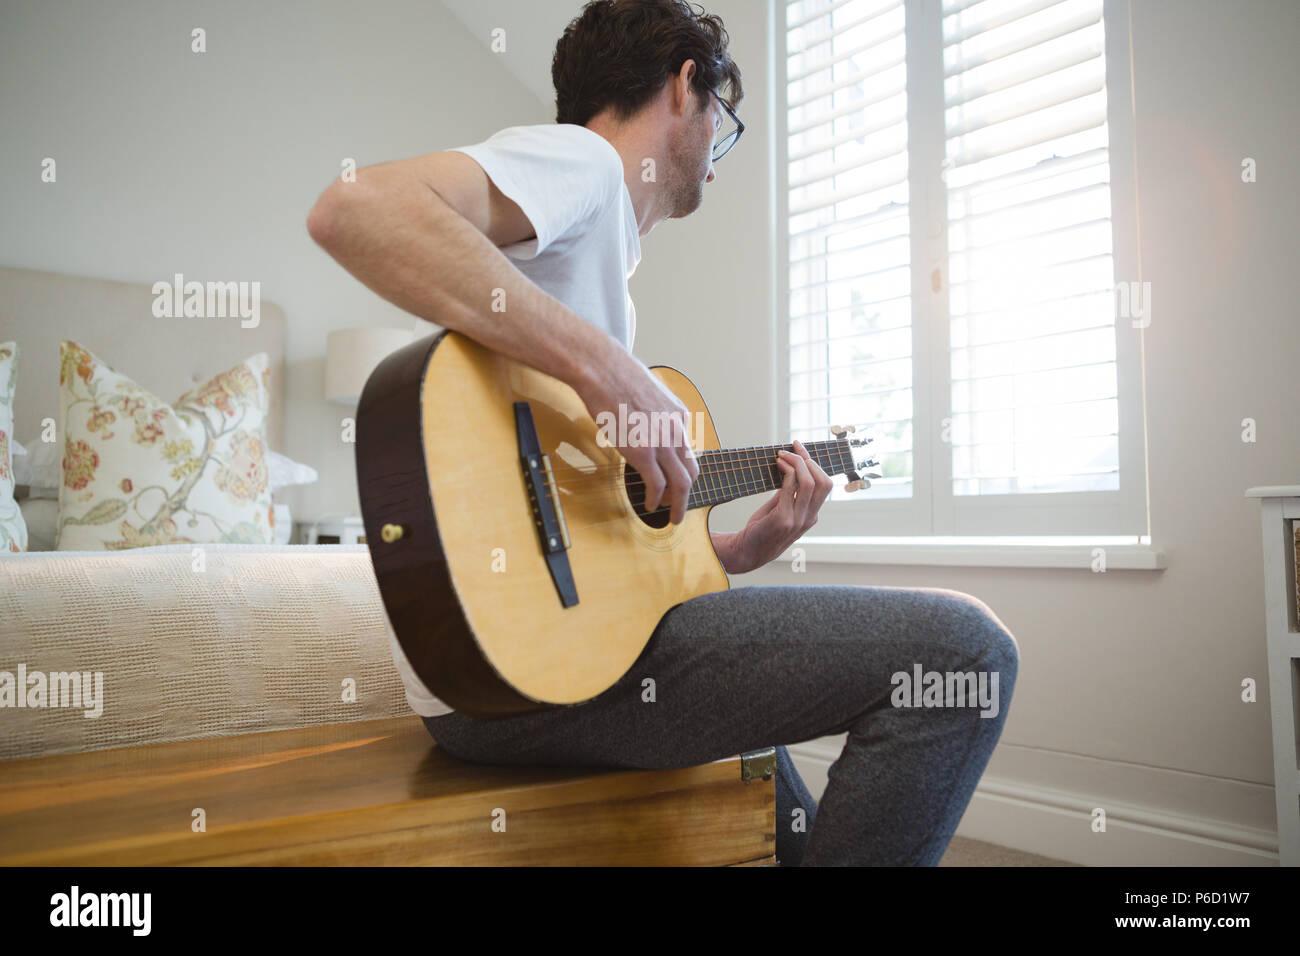 L'homme qui joue de la guitare dans la chambre Banque D'Images